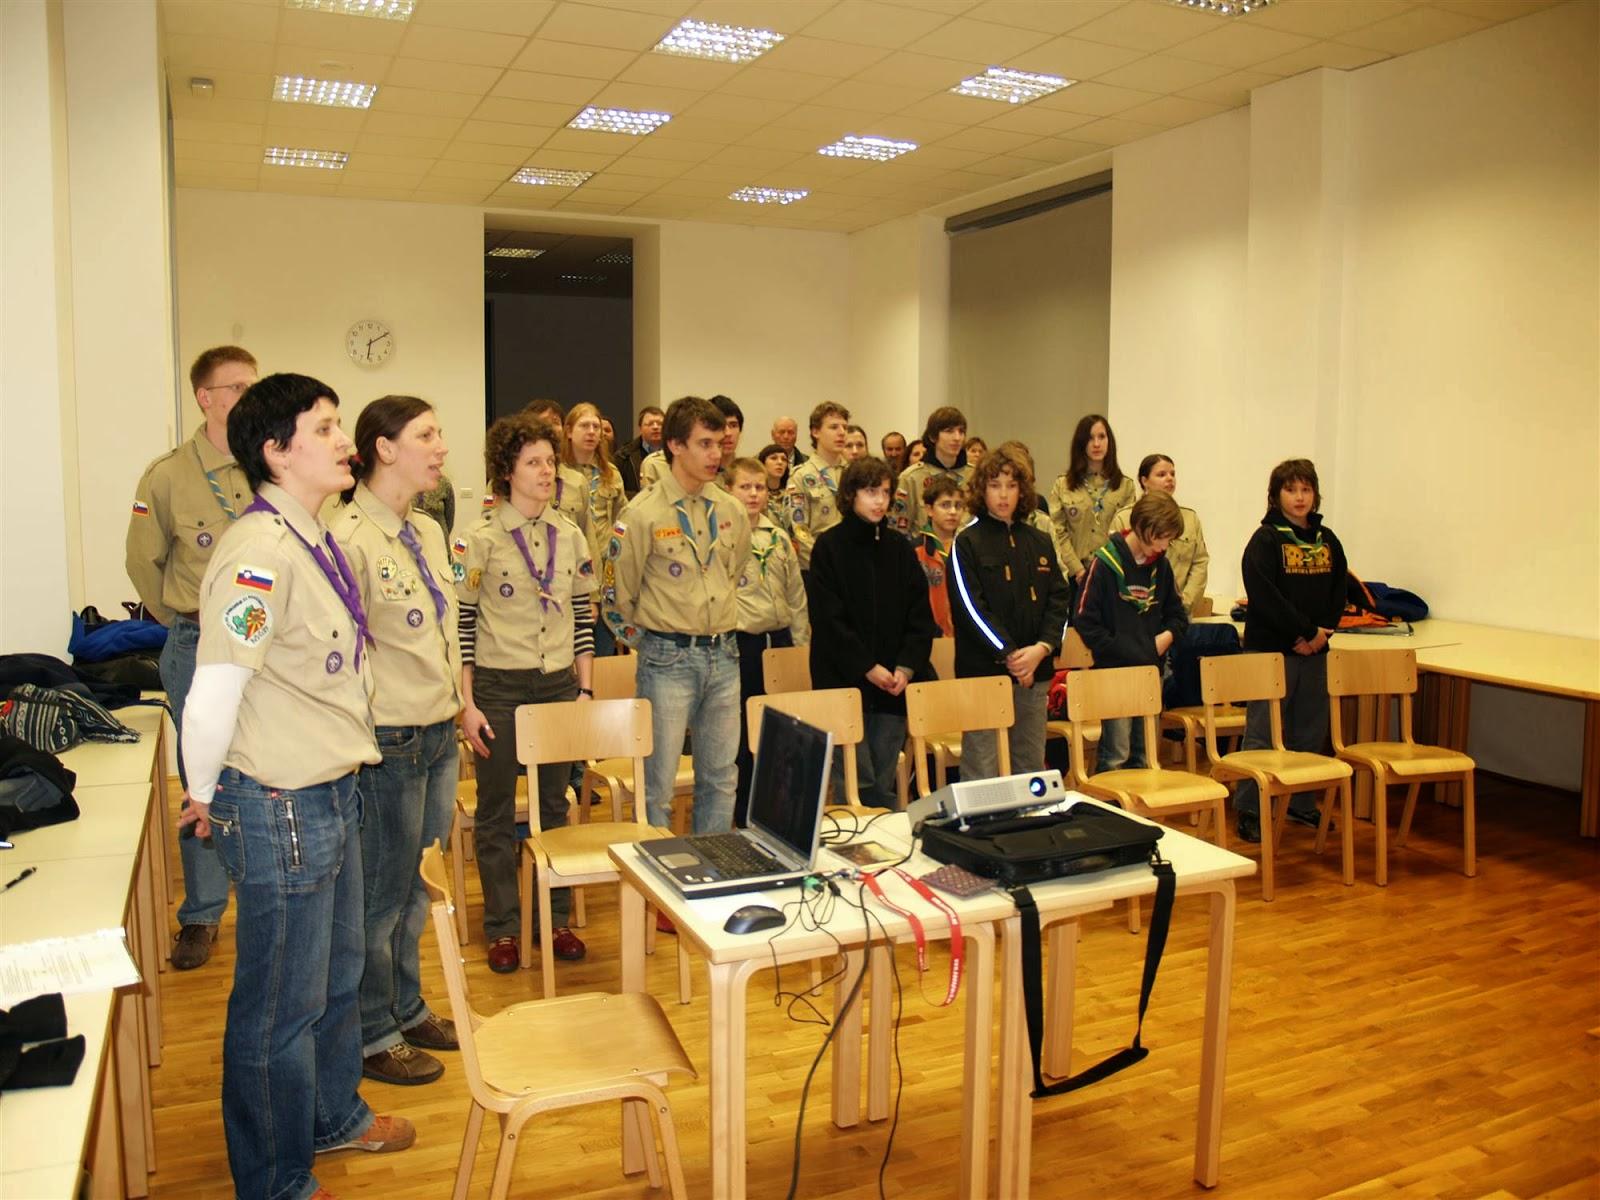 Občni zbor, Ilirska Bistrica 2007 - P0025535.JPG